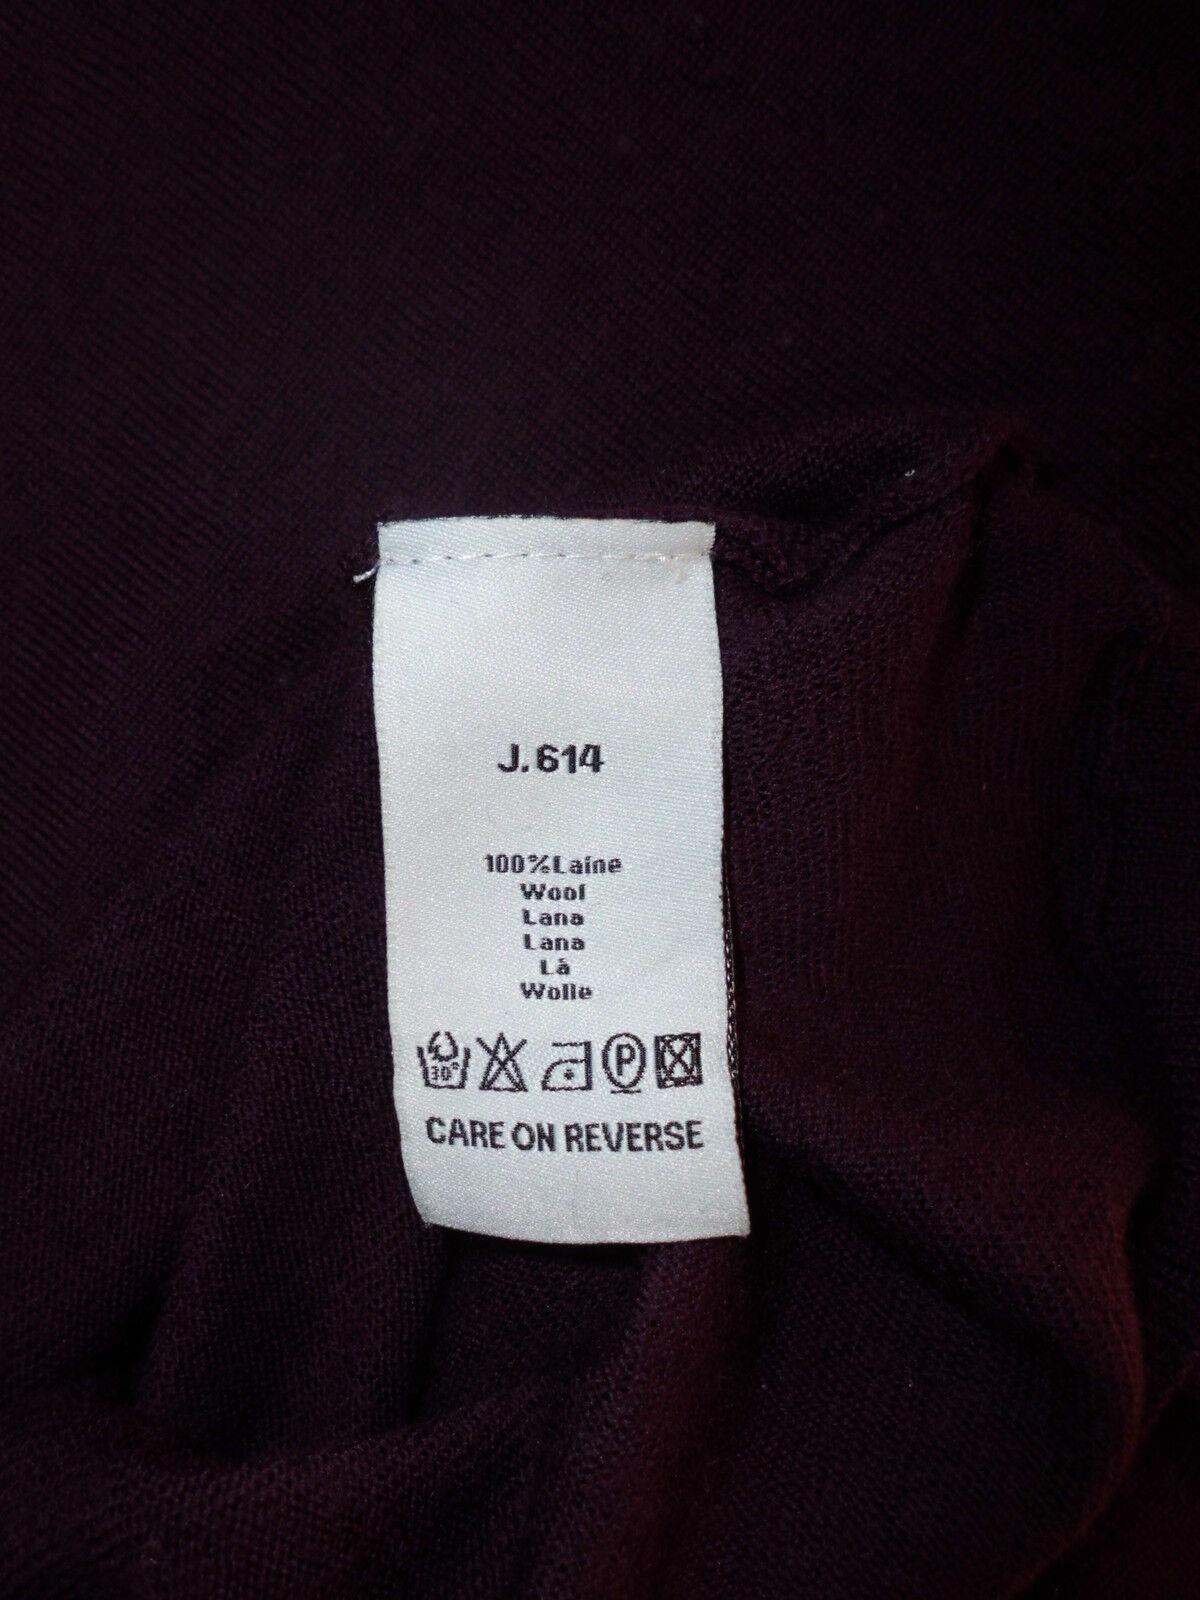 Sweater Gérard Gérard Gérard Darel Purple Size 40 à - 56% 6eca06